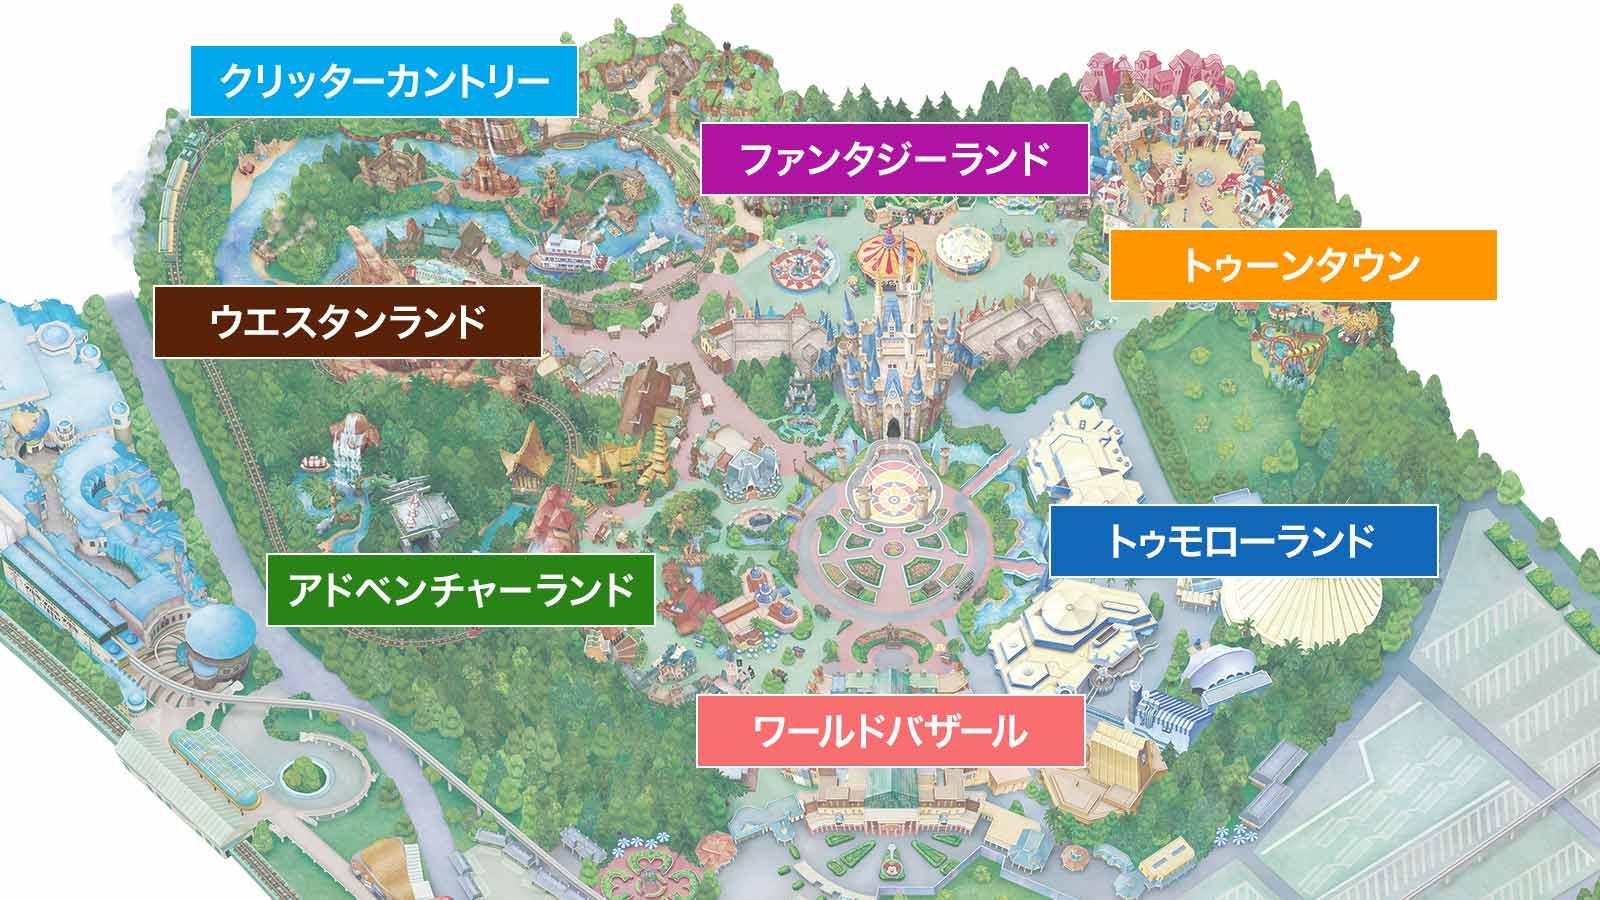 公式】マップ | 東京ディズニーランド